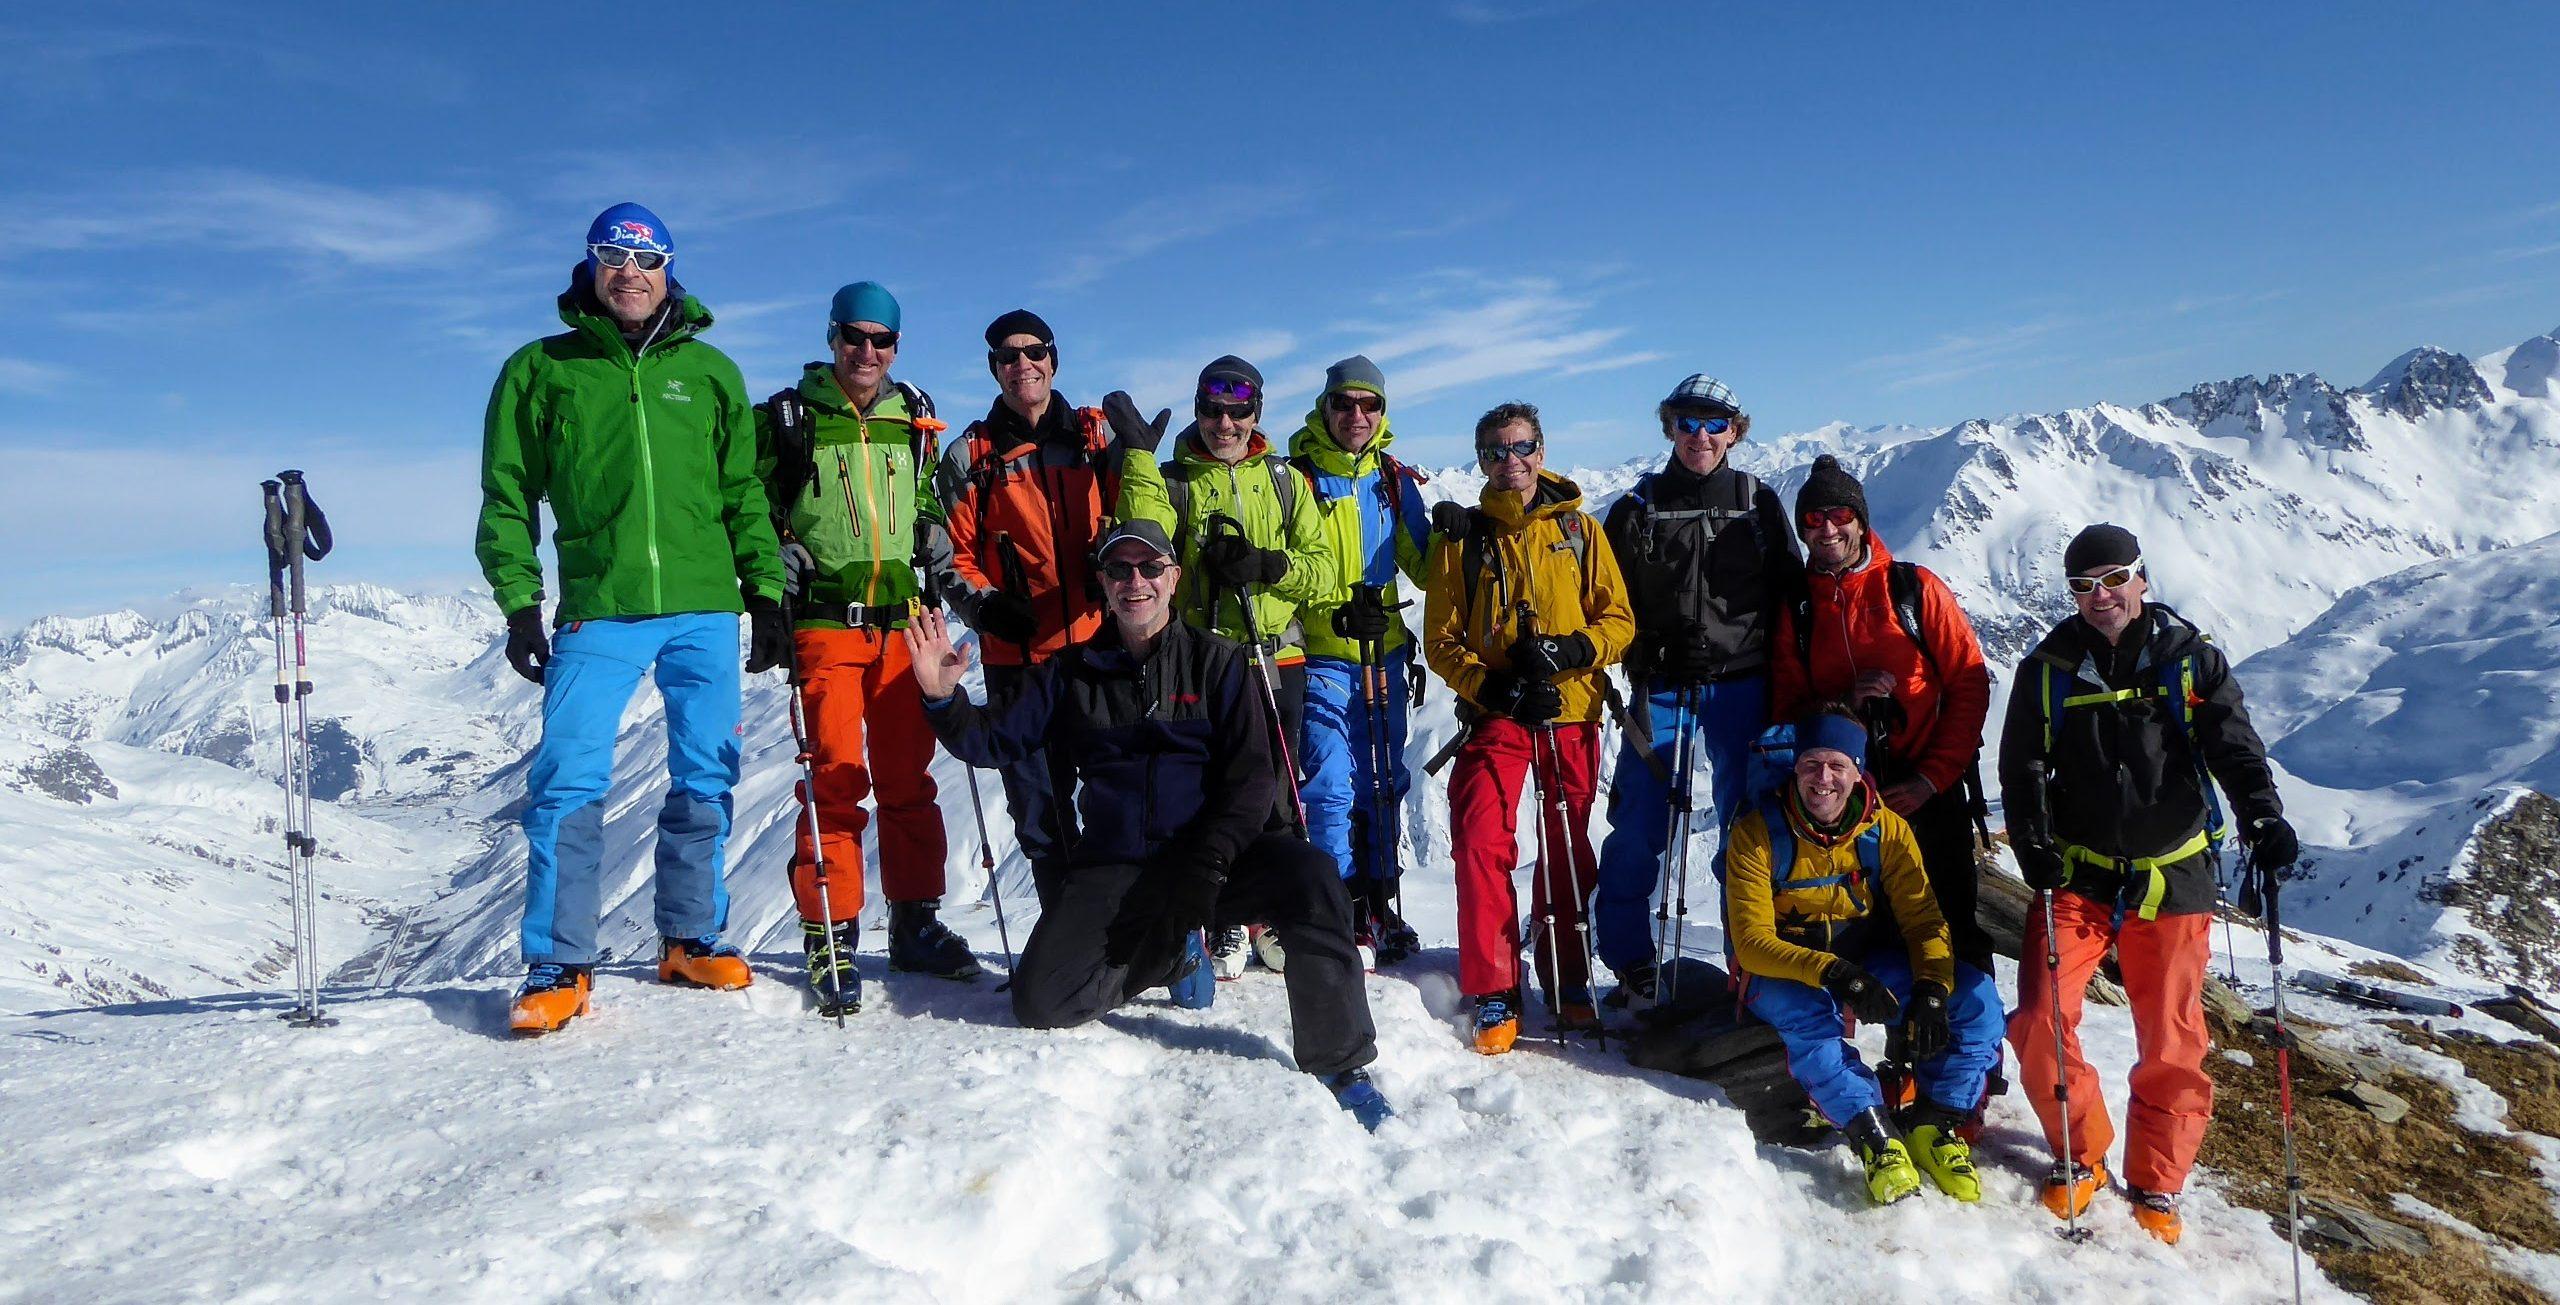 Skitourentag mit Jürg Haltmeier